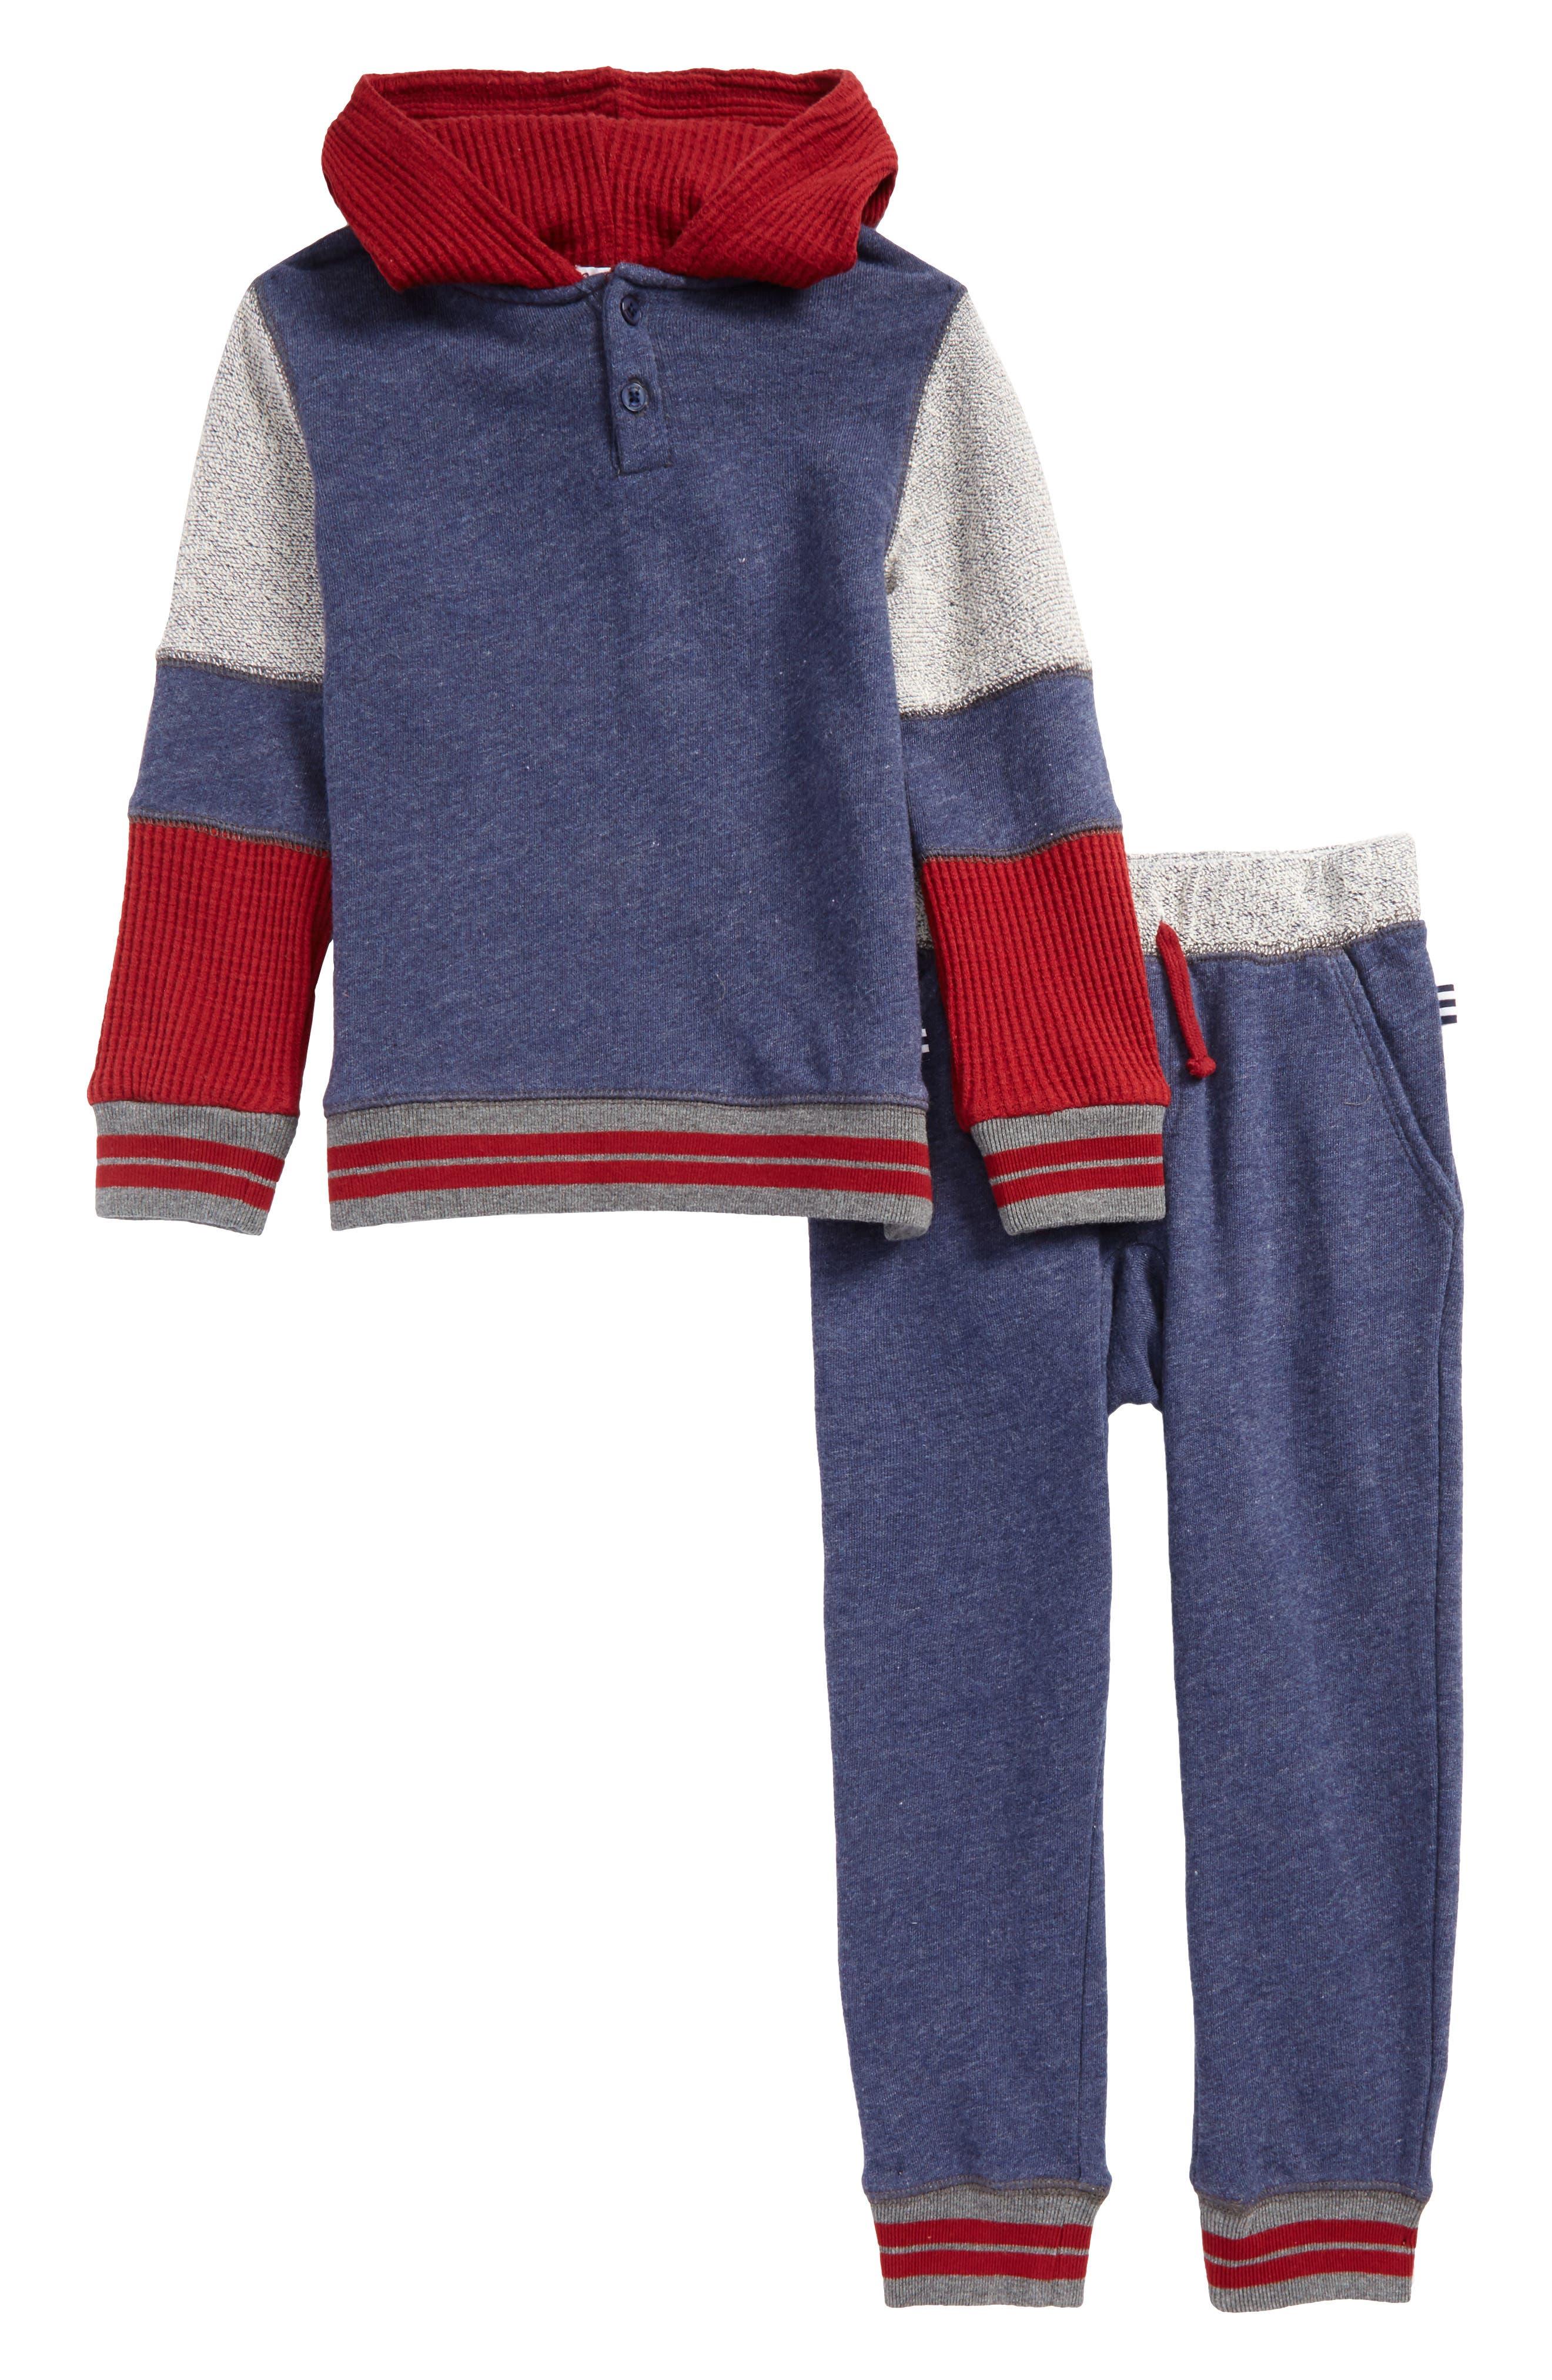 Main Image - Splendid Hoodie & Pants Set (Baby Boys)